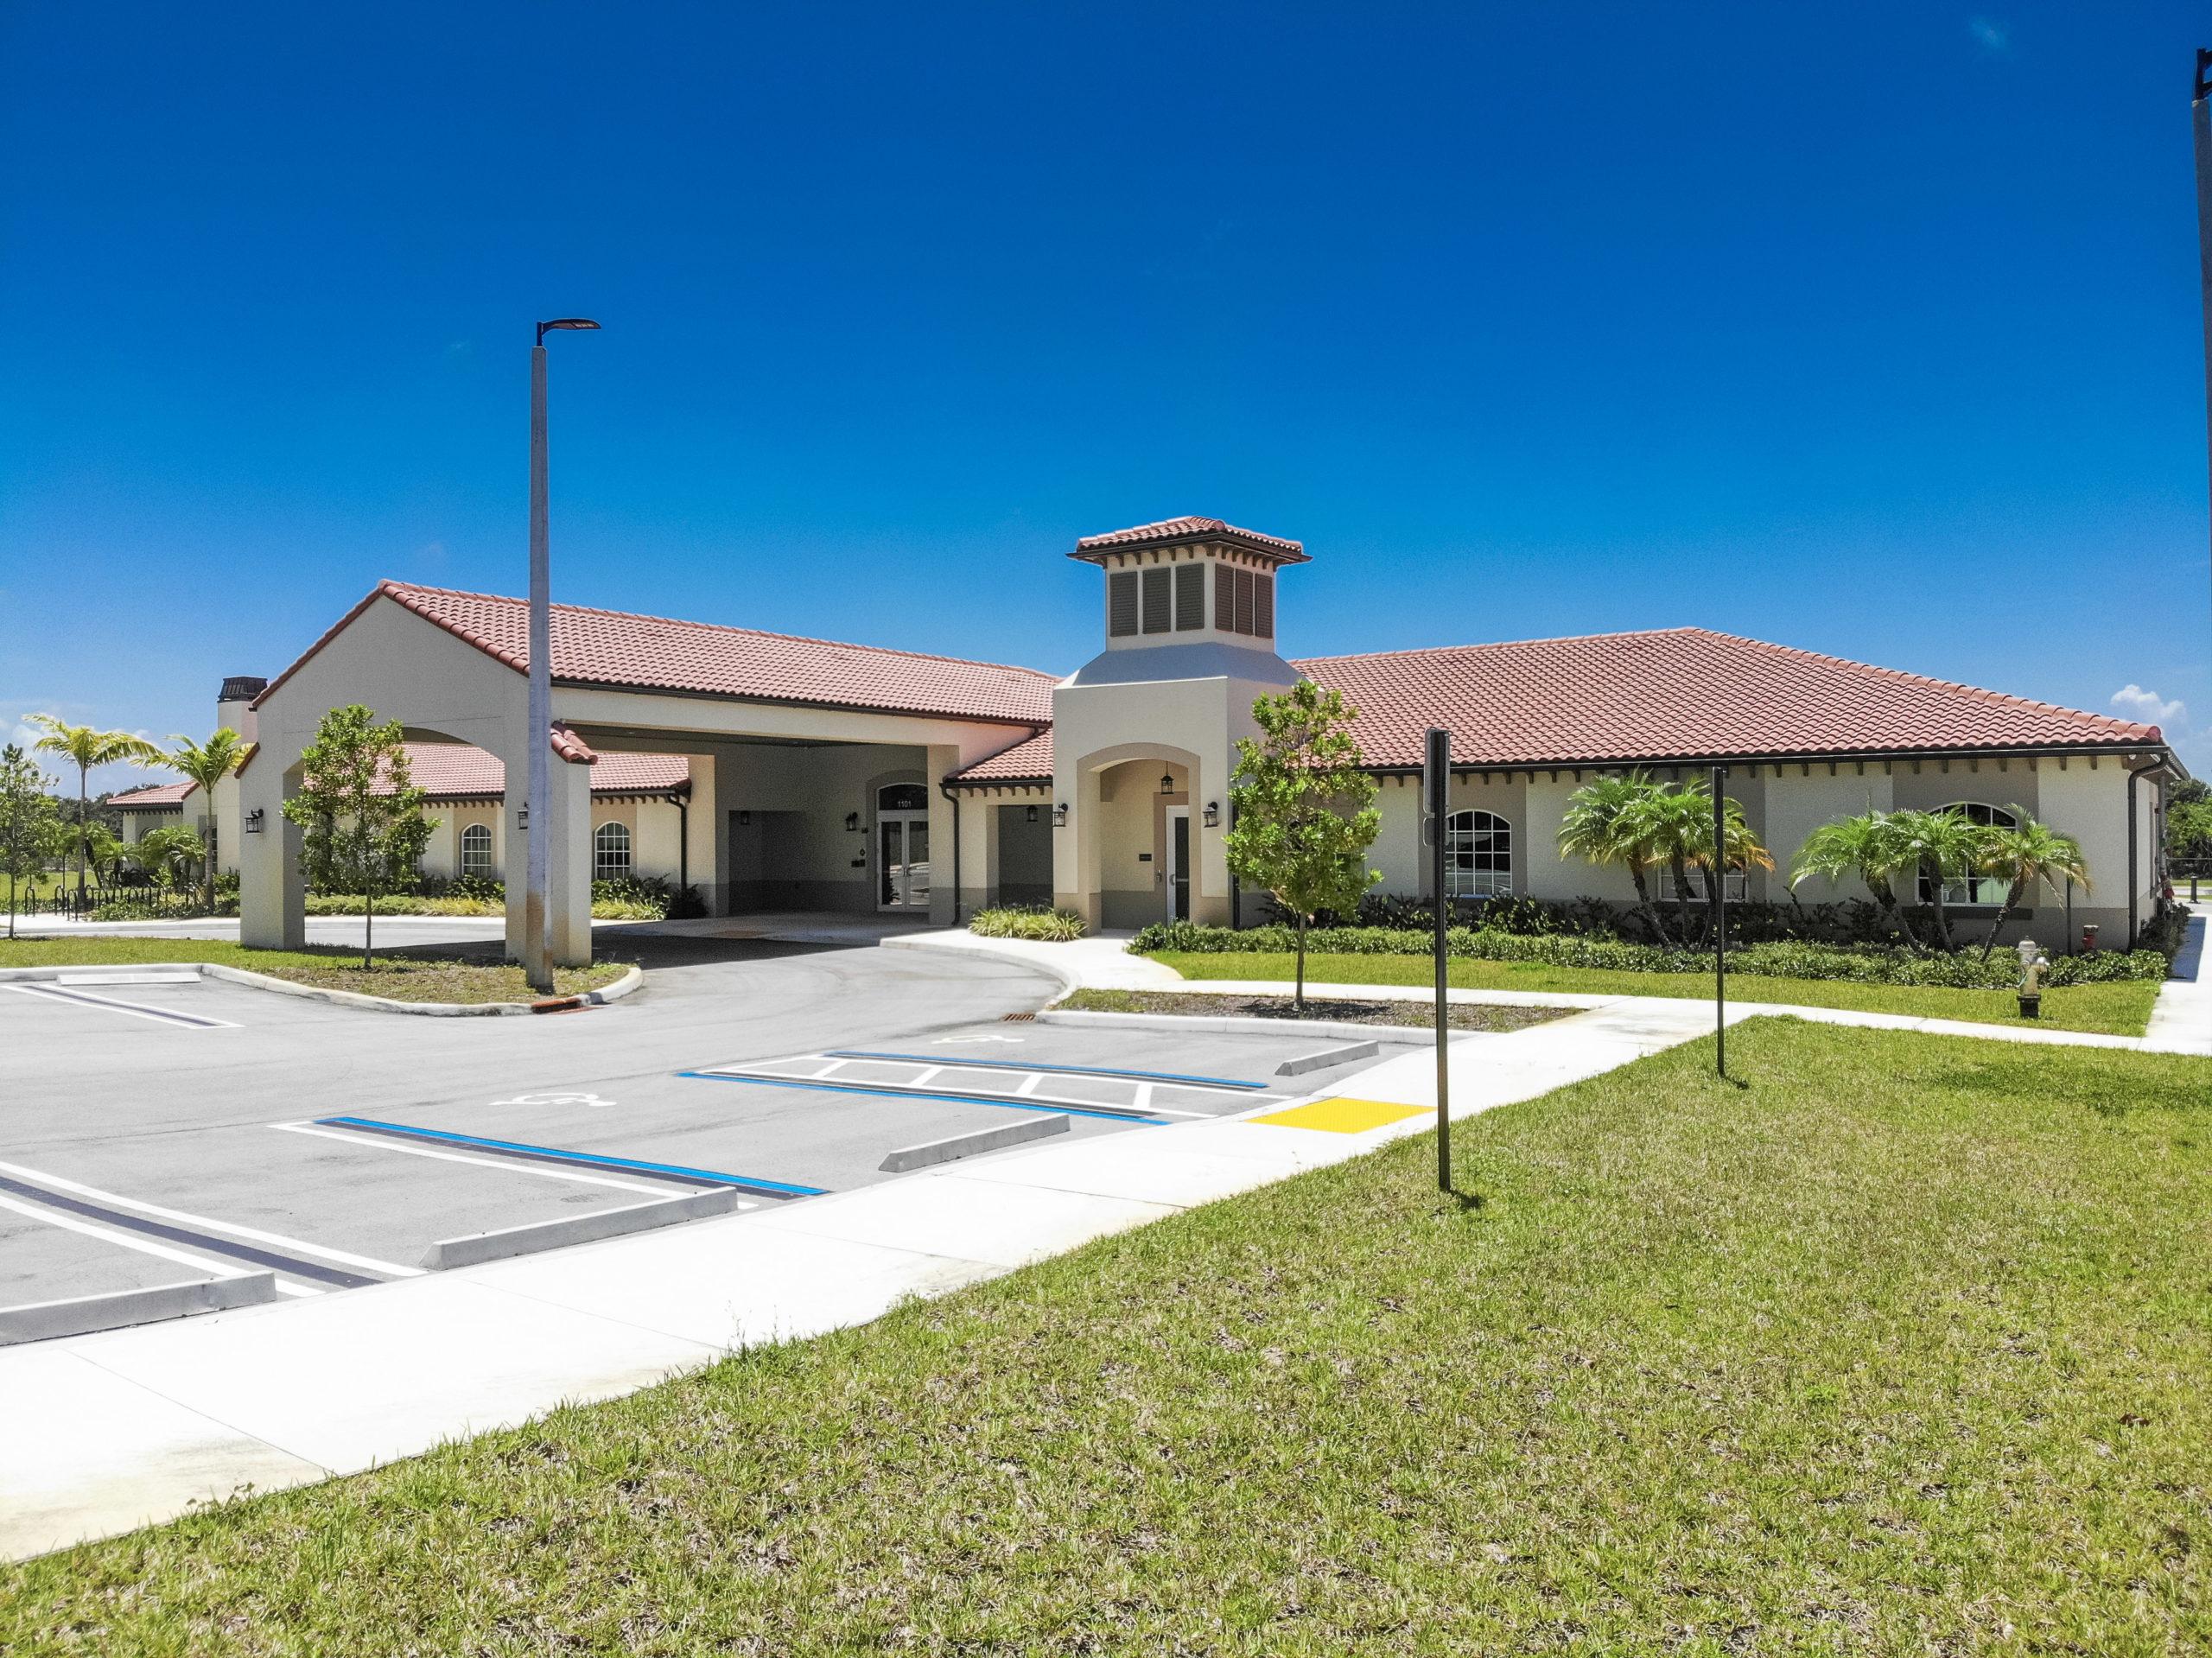 inpatient rehab facility